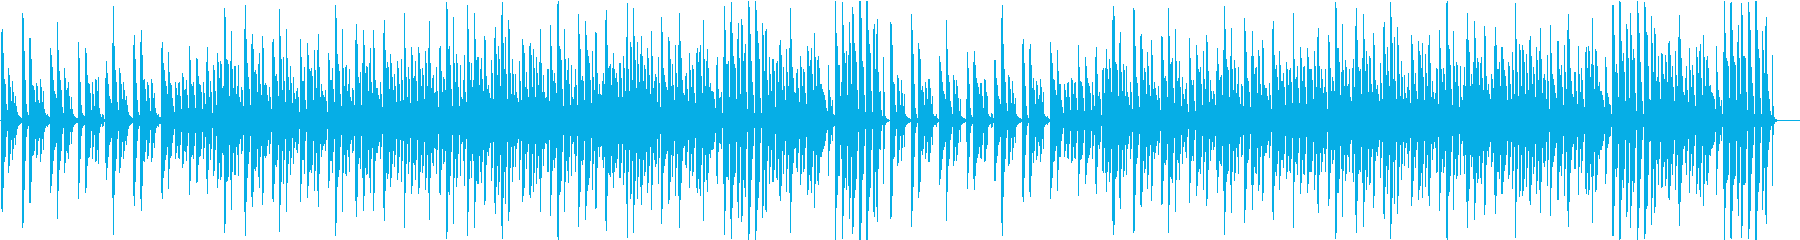 CM流行サウンドのライトアコースティックの再生済みの波形